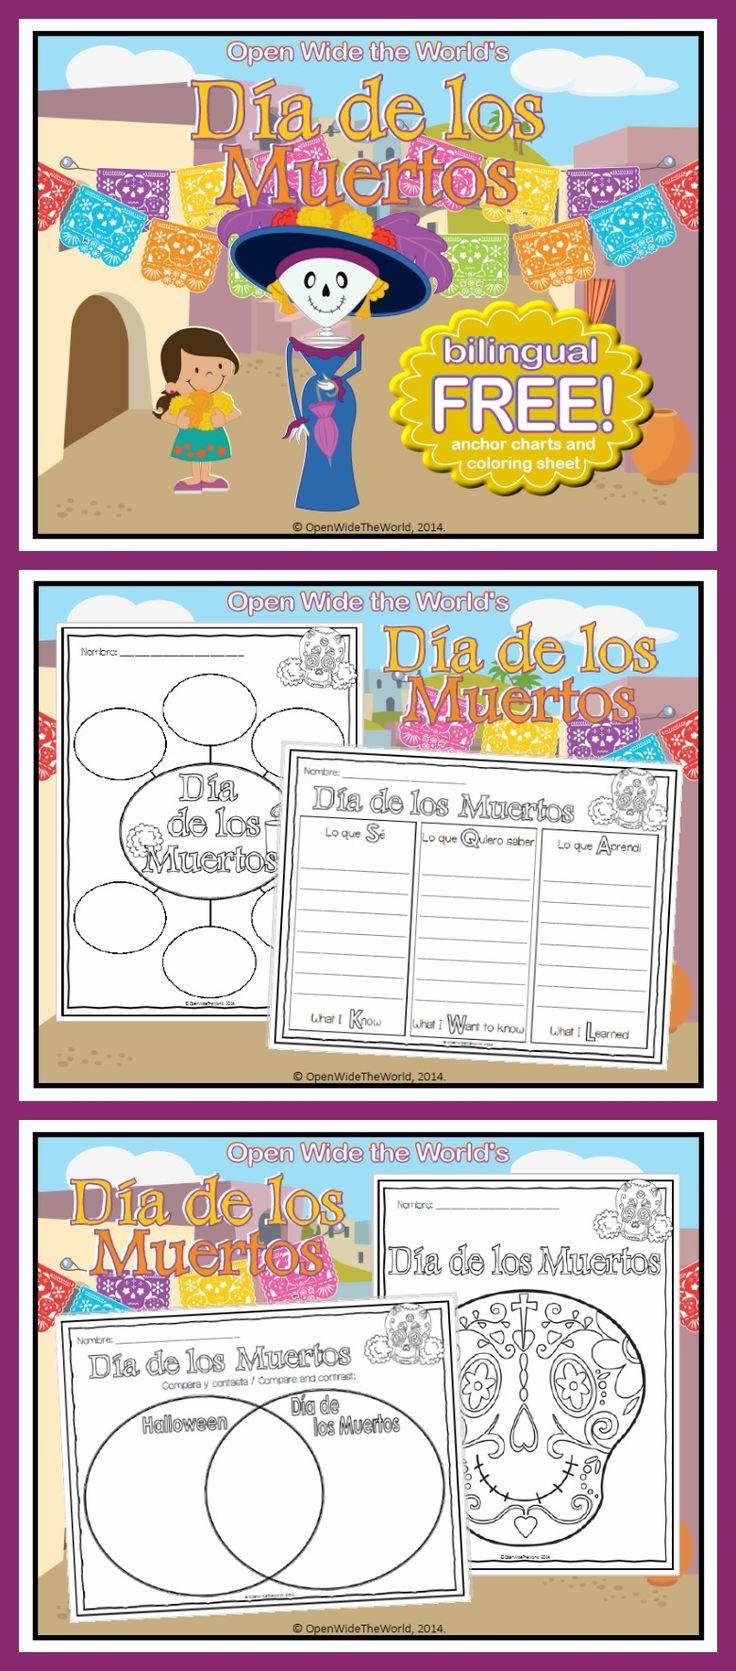 FREE Día de los Muertos anchor chart set, for use with any Día de los Muertos unit